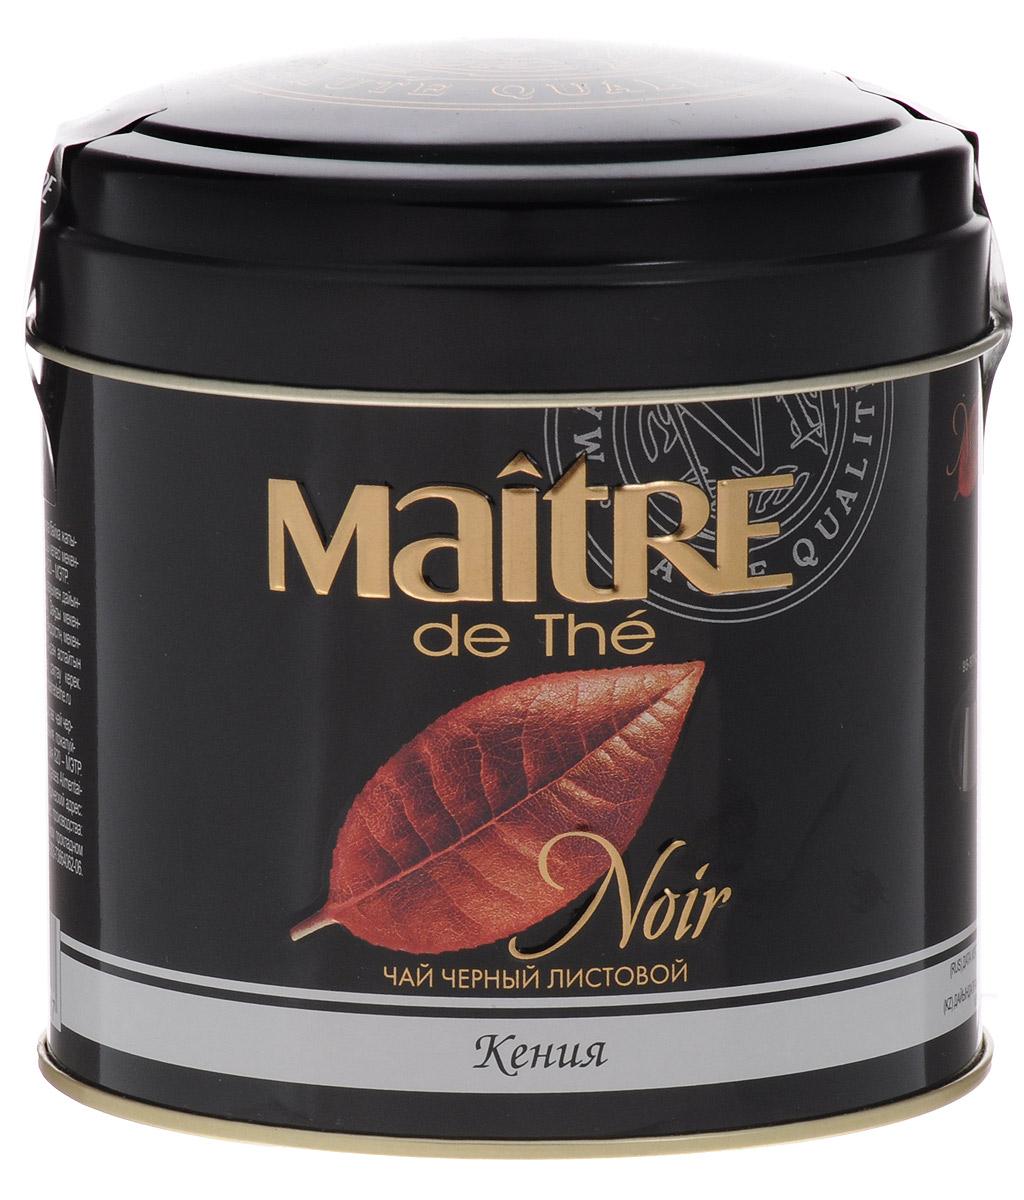 Maitre de The Кения черный листовой чай, 100 г (жестяная банка)бар130рЧерный чай, выращенный в Кении. Основные особенности кенийского чая – крепость настоя и тонкий оттенок муската во вкусе и аромате.